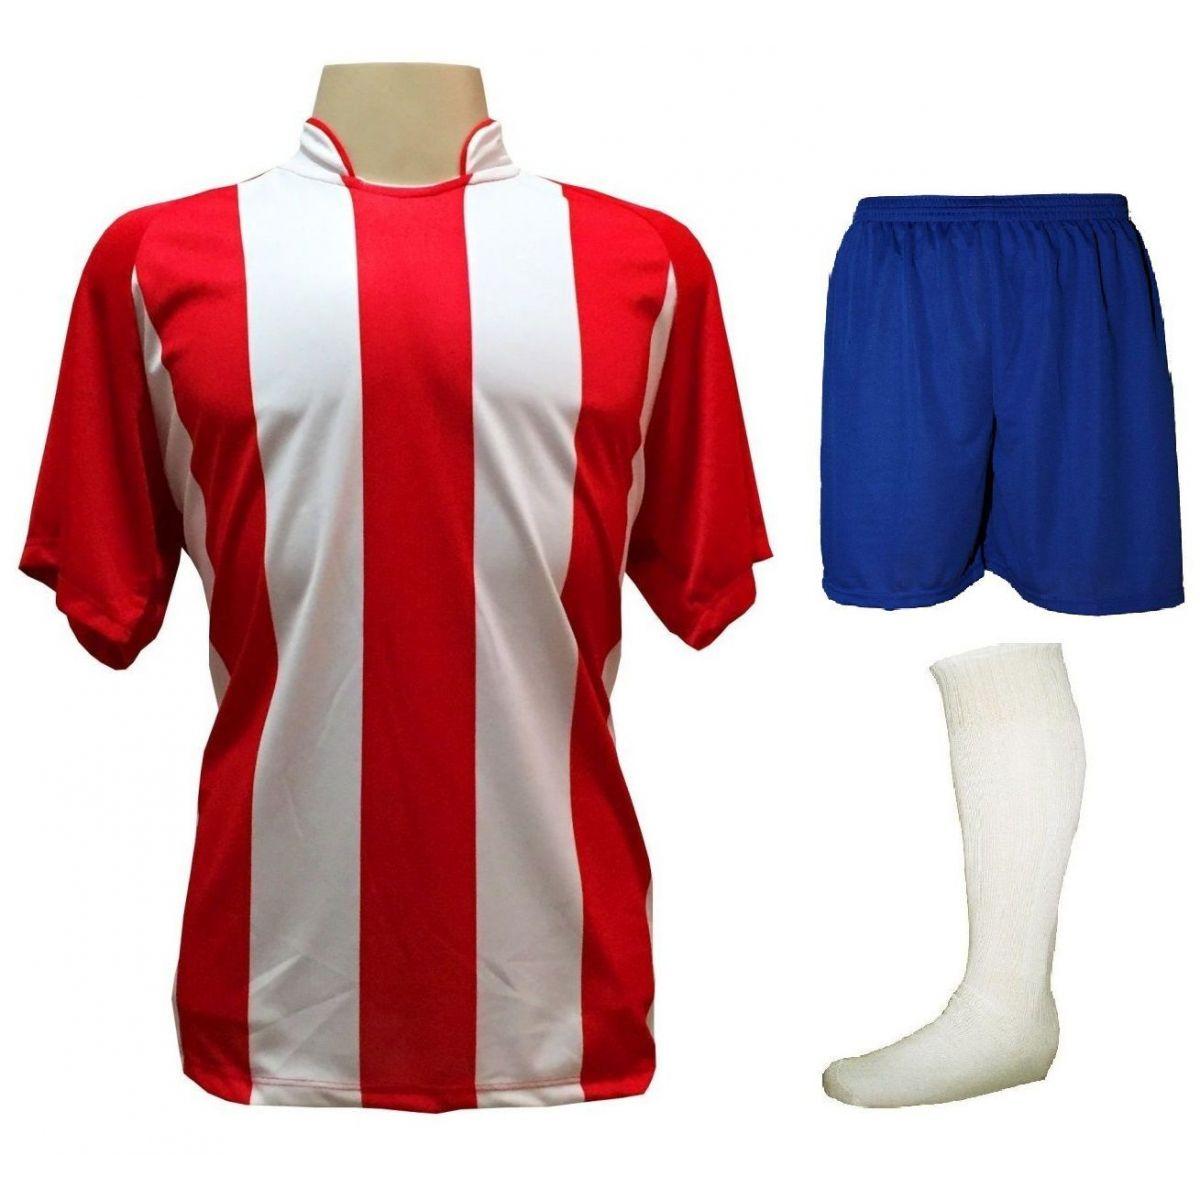 Uniforme Esportivo com 18 camisas modelo Milan Vermelho/Branco + 18 calções modelo Madrid Royal + 18 pares de meiões Branco